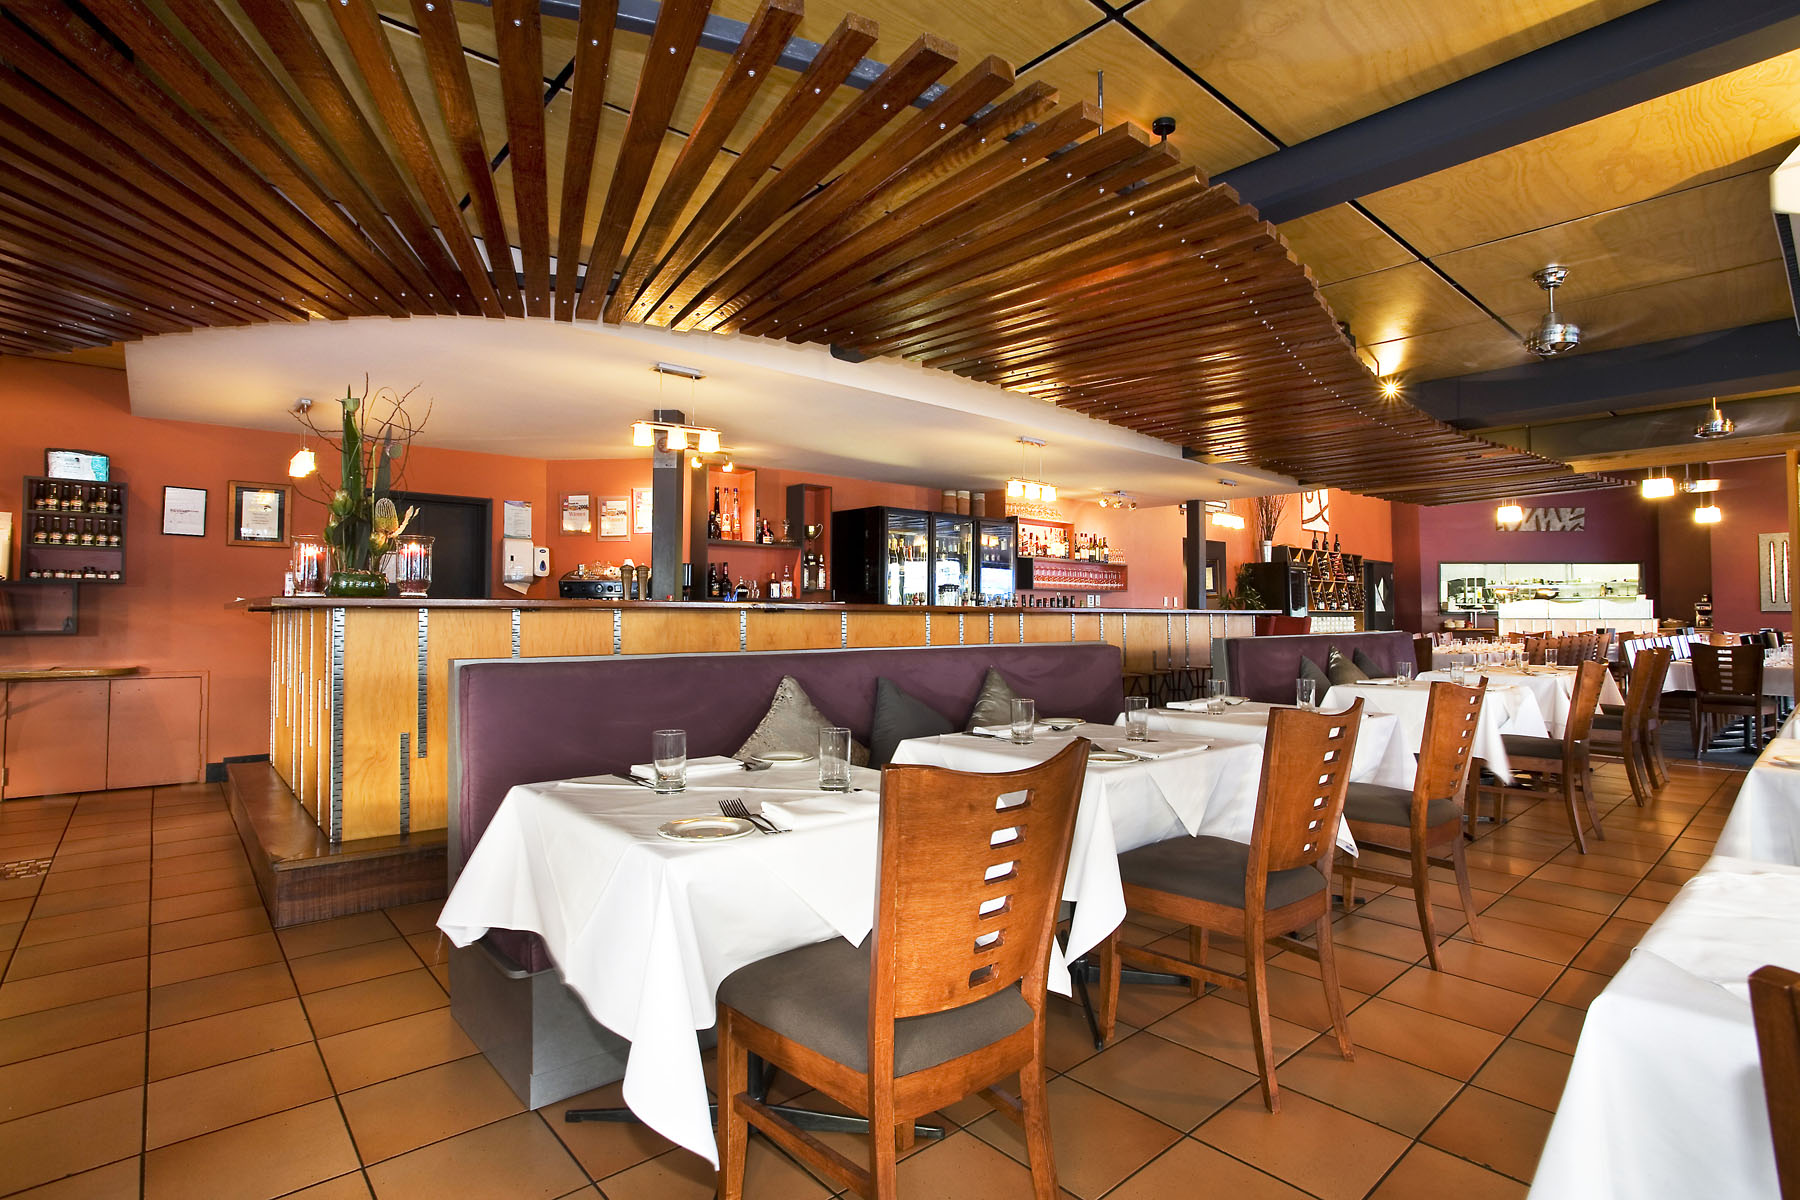 restaurants in australia bestseafoodbloginfo